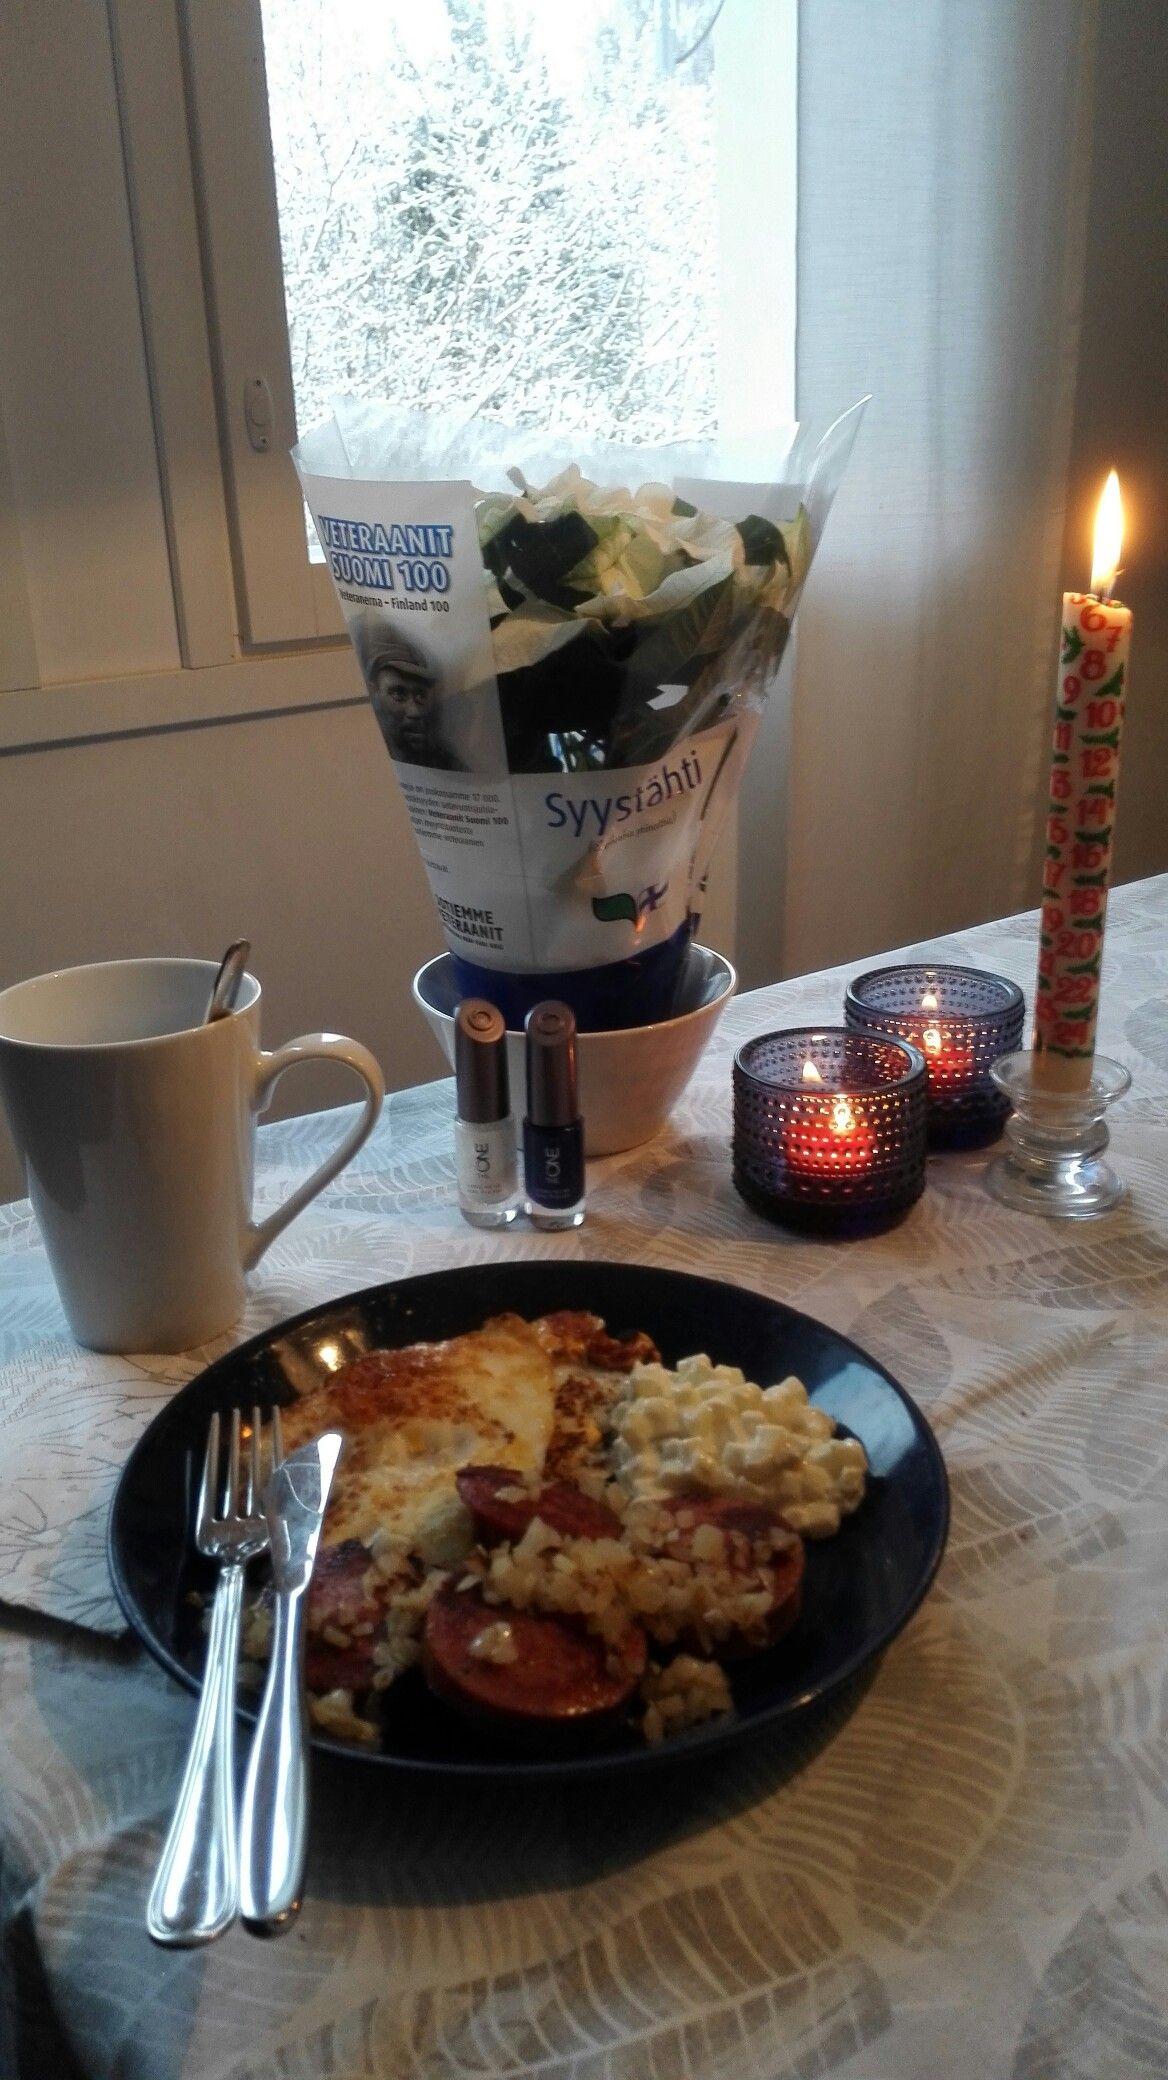 Itsenäisyyspäivän aamupala